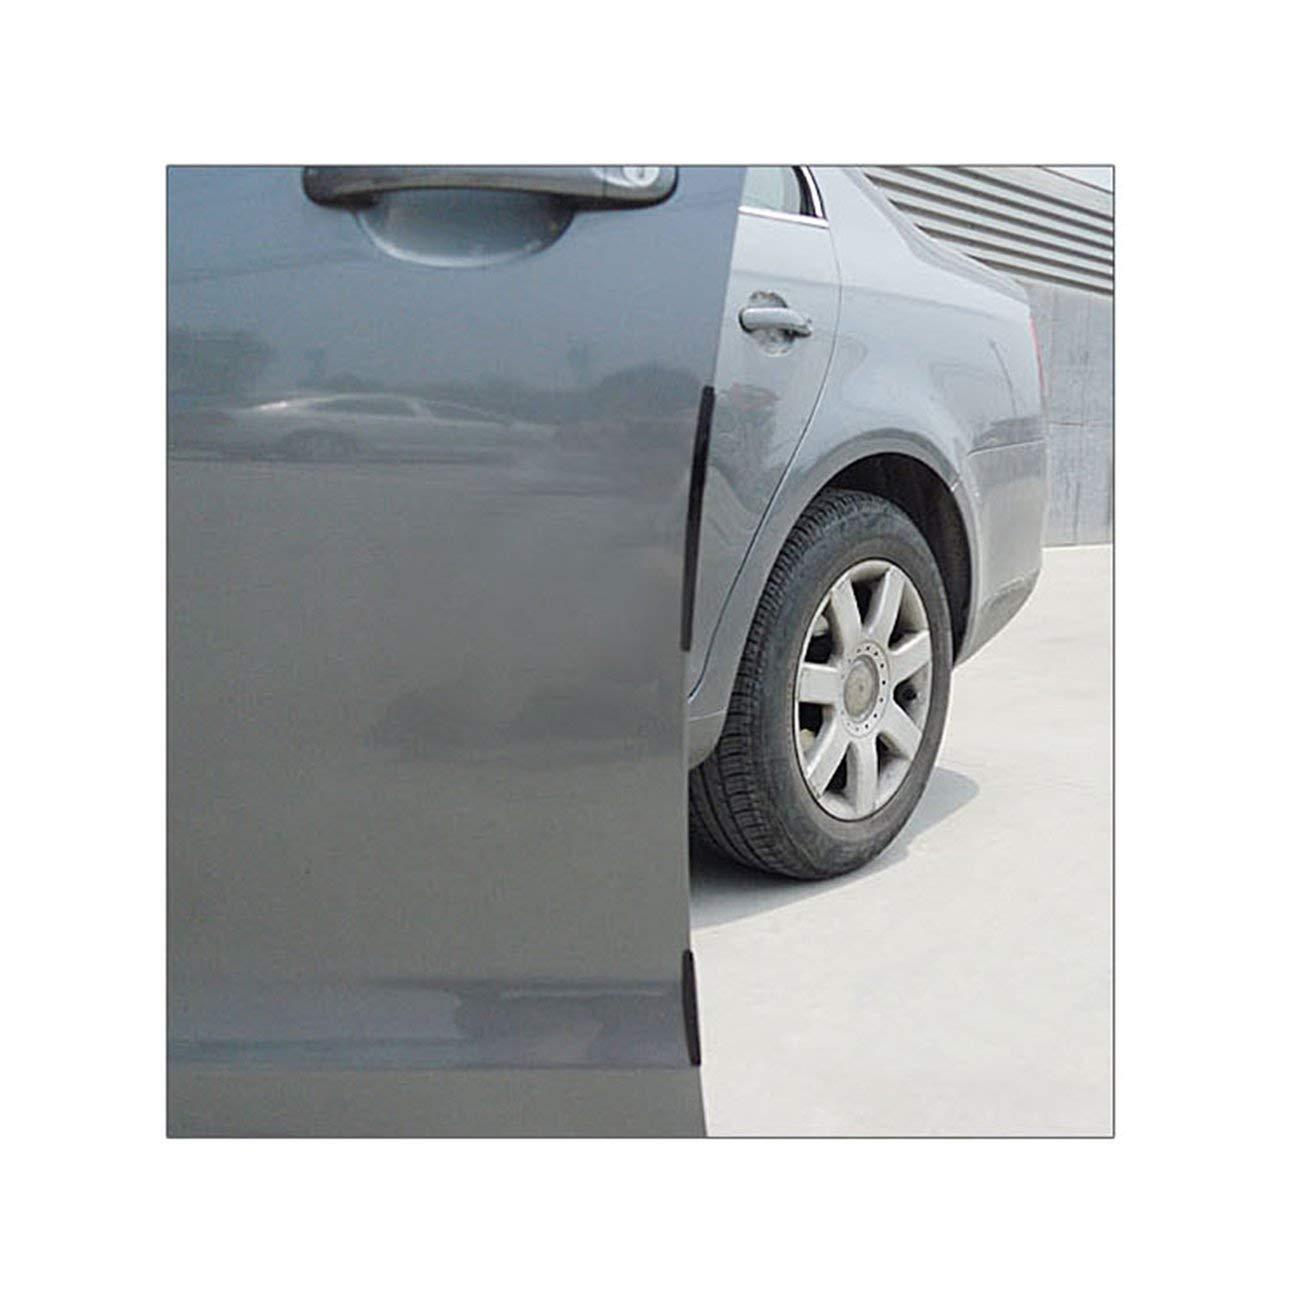 Negro LasVogos 8pcs del Coche SUV Puerta Lateral Protector de Borde de Banda de protecci/ón Raspe la Guardia paragolpes asa de la Cubierta Negro Blanco Transparente